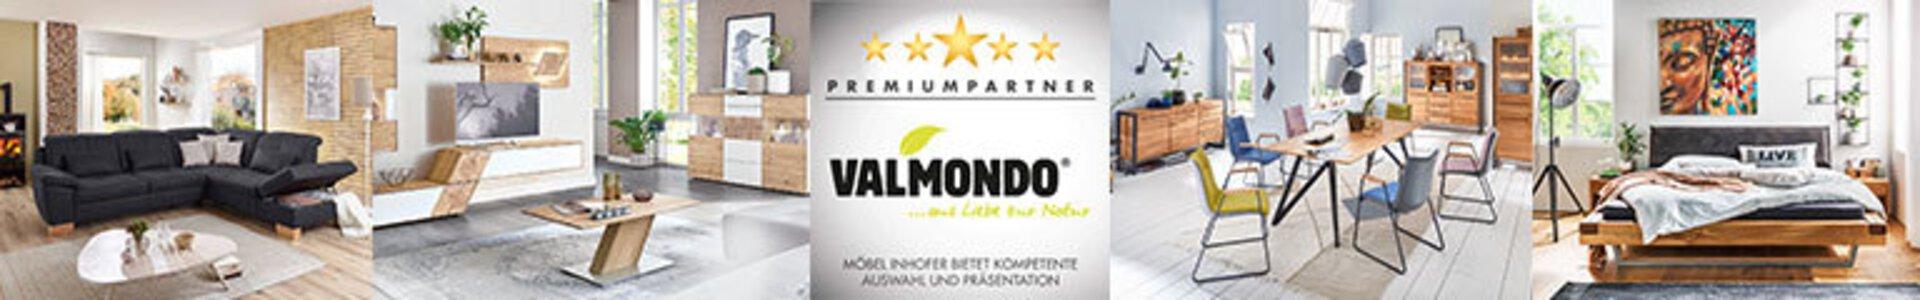 Bannerbild der Marke Valmondo.  Premiumpartner von Möbel Inhofer.